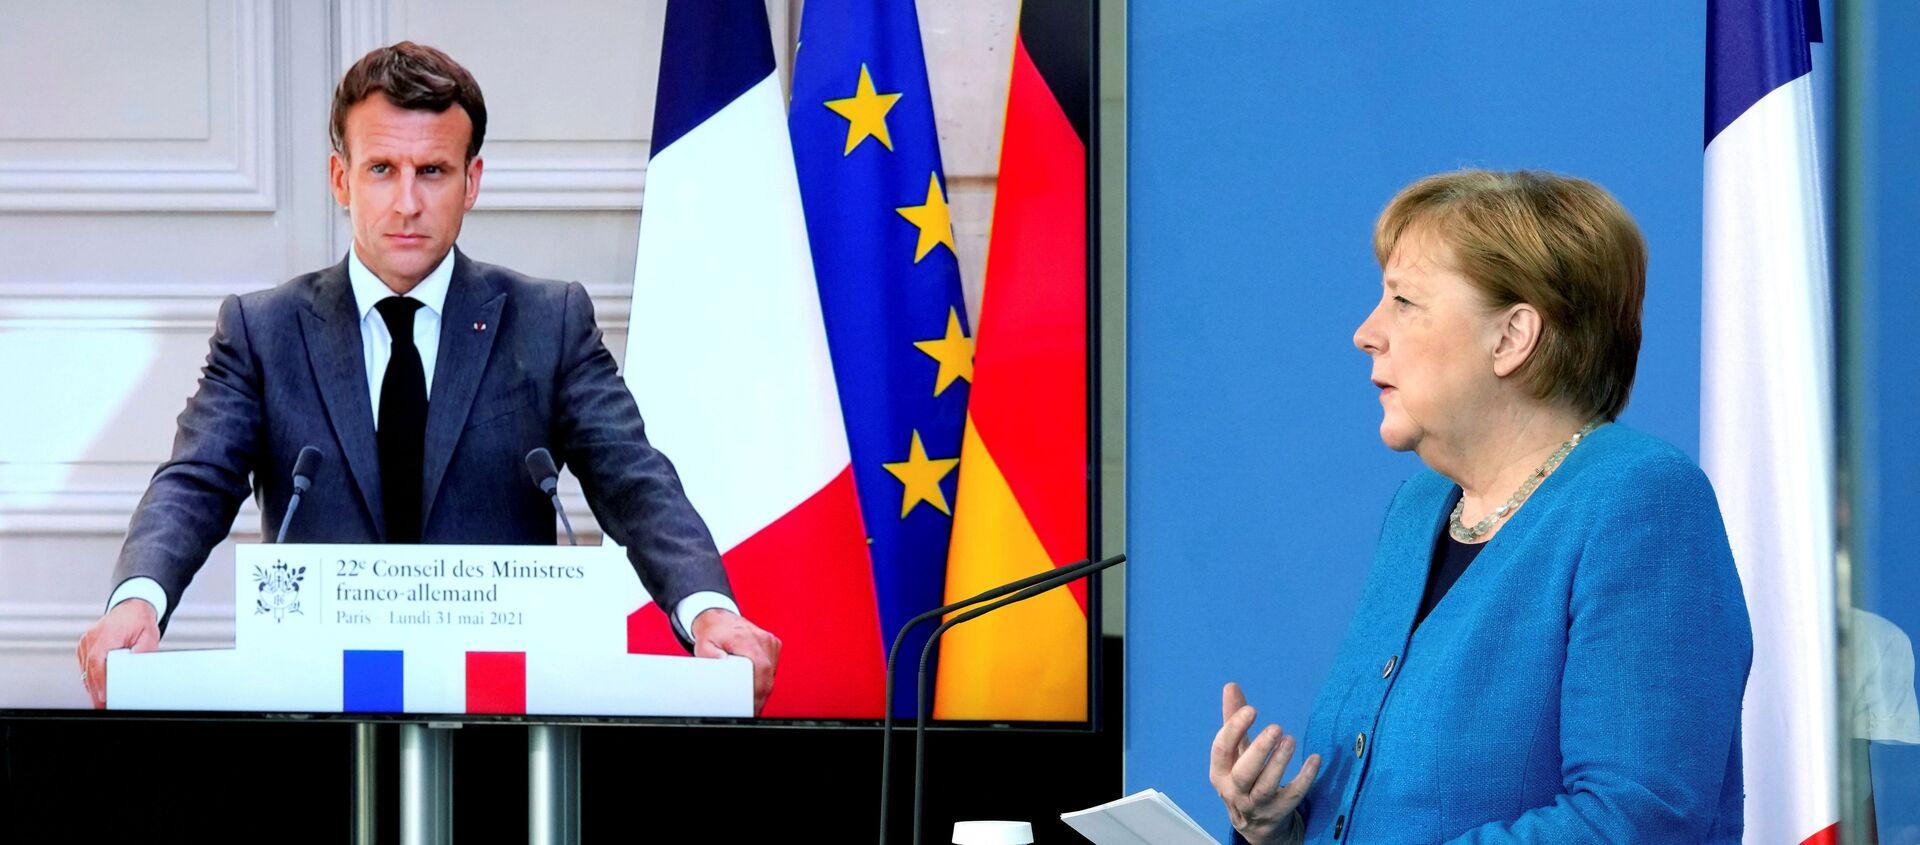 Emmanuel Macron ile Angela Merkel video konferansla gerçekleşen Fransa-Almanya Bakanlar Konseyi toplantısı sırasında  - Sputnik Türkiye, 1920, 31.05.2021